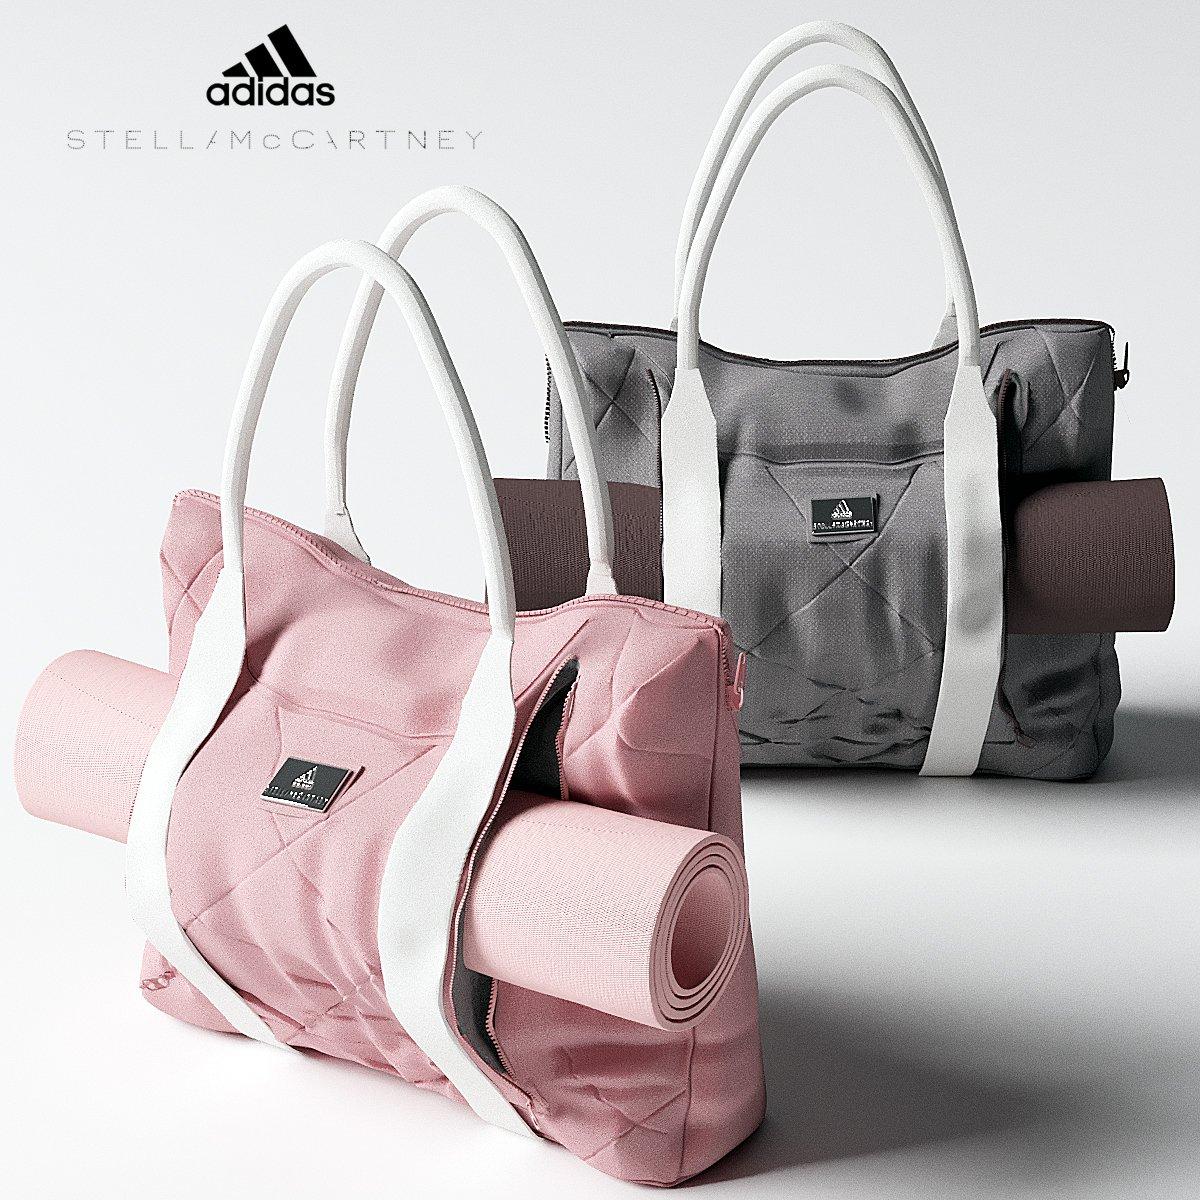 33a3594dfe Adidas Yoga Bag 3D Model in Sports Equipment 3DExport